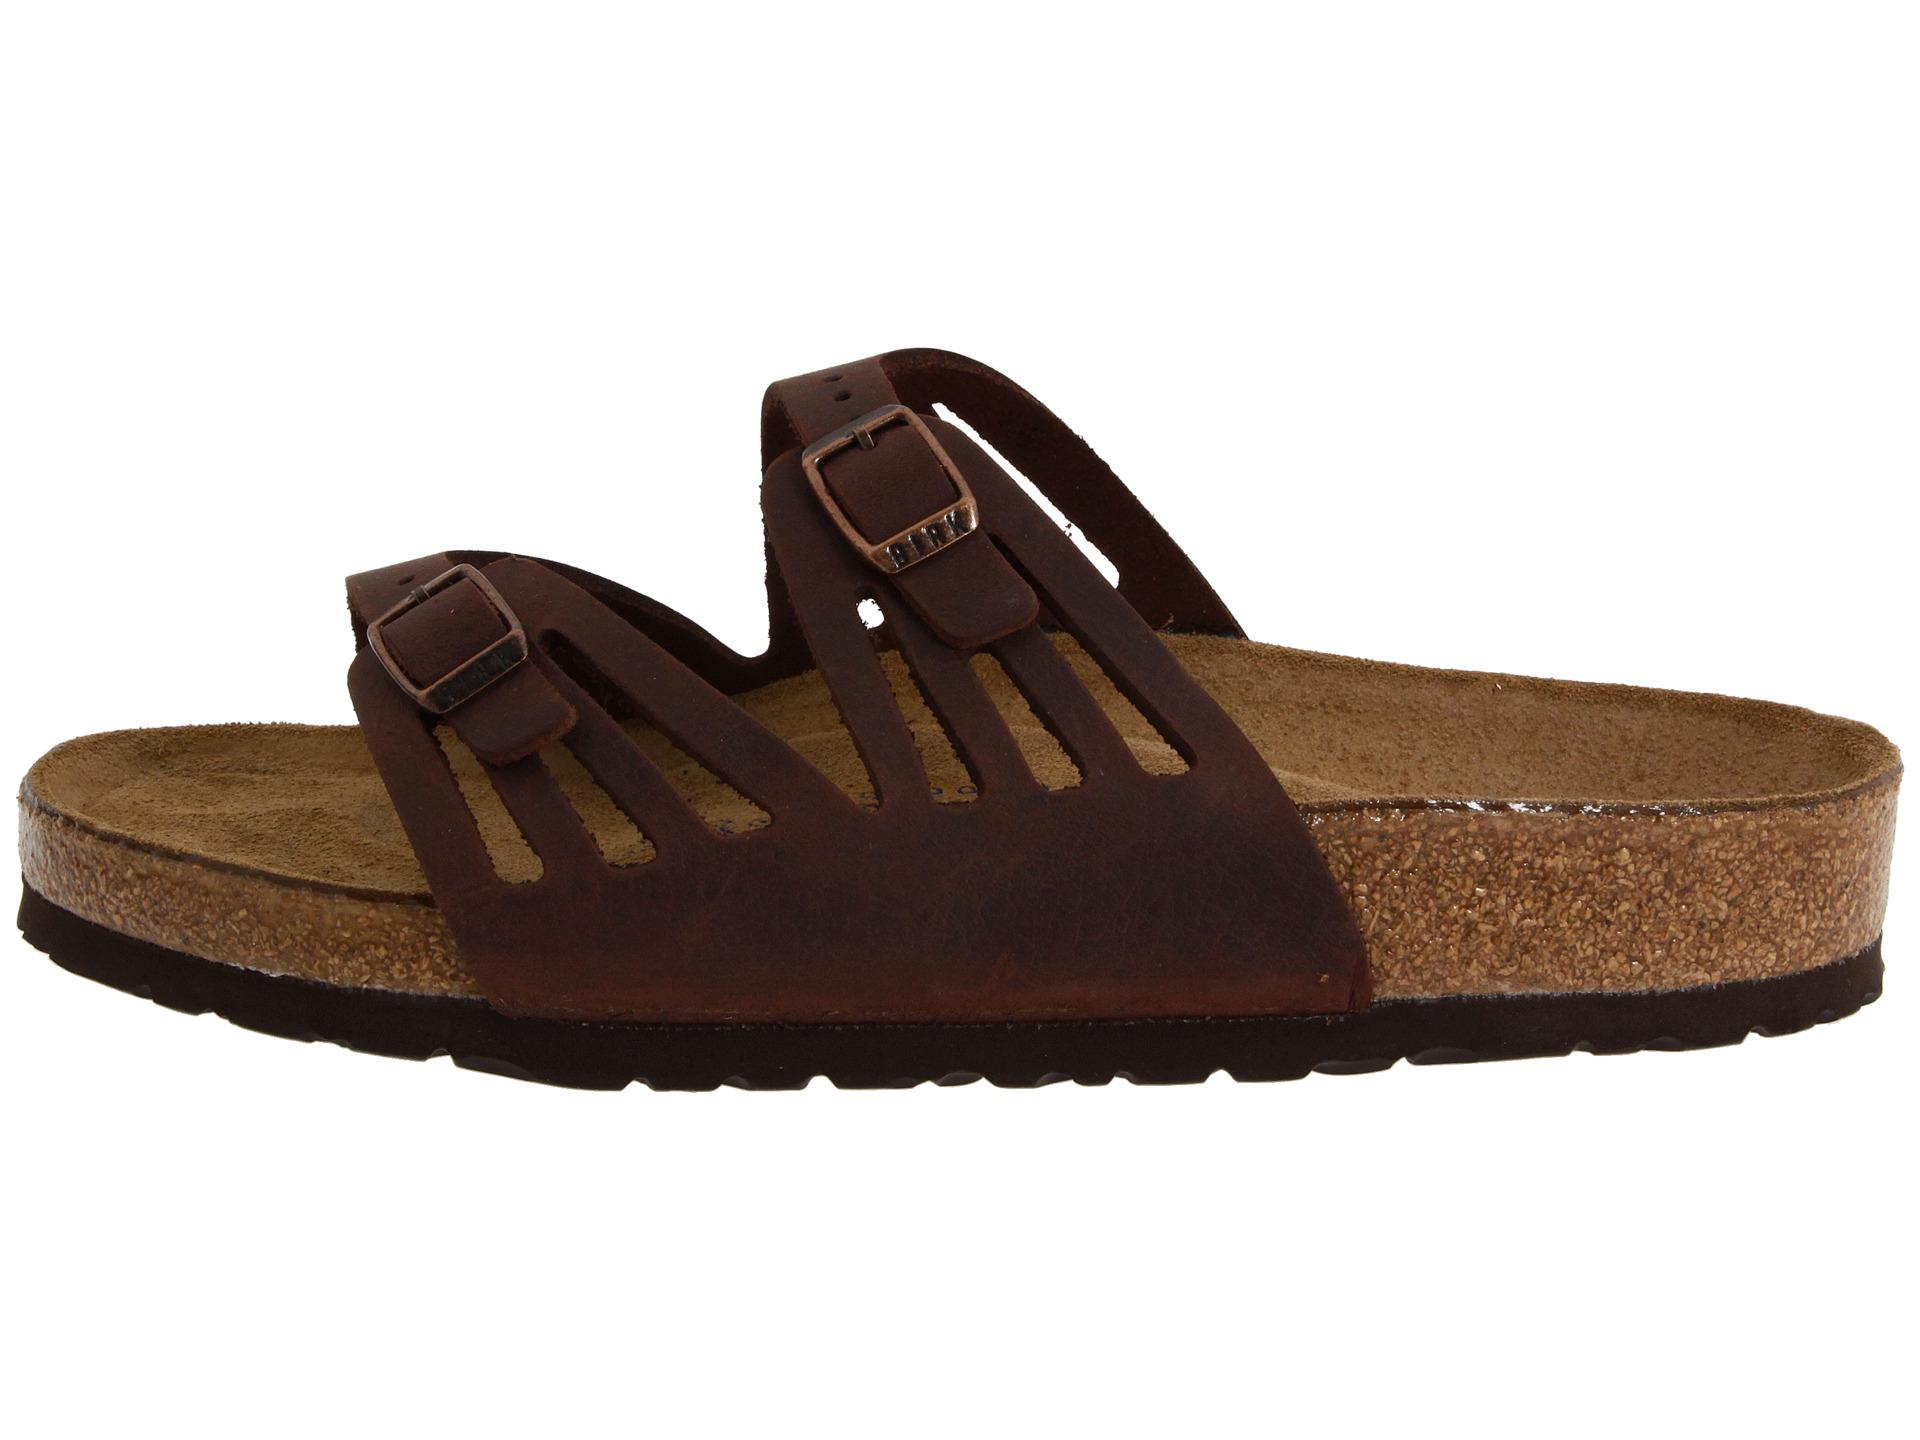 Birkenstock Granada Soft Footbed at Zappos.com